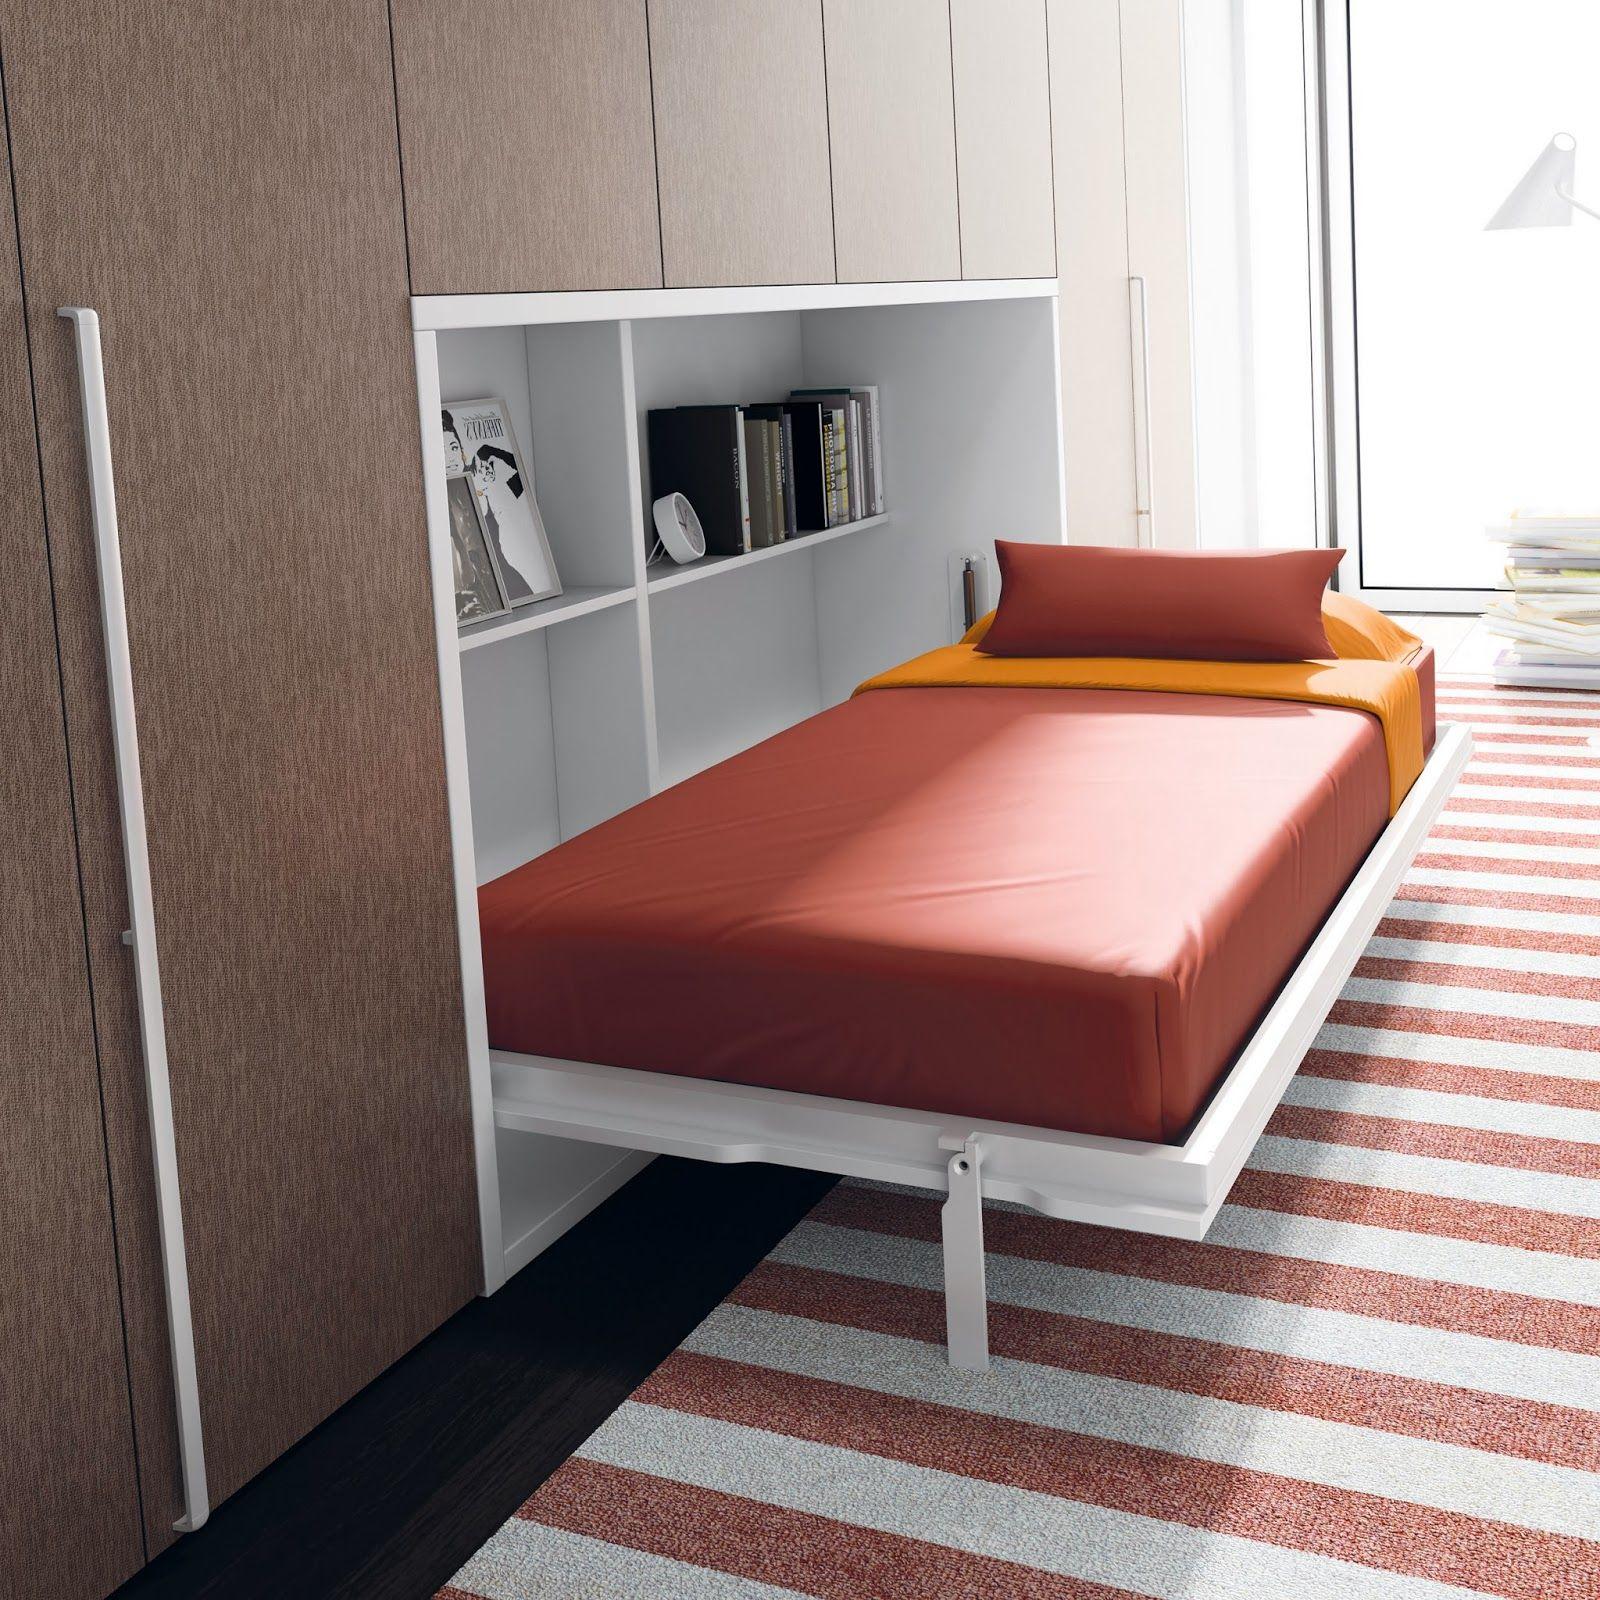 Literas, armarios y camas abatibles | muebles | Pinterest | Camas ...